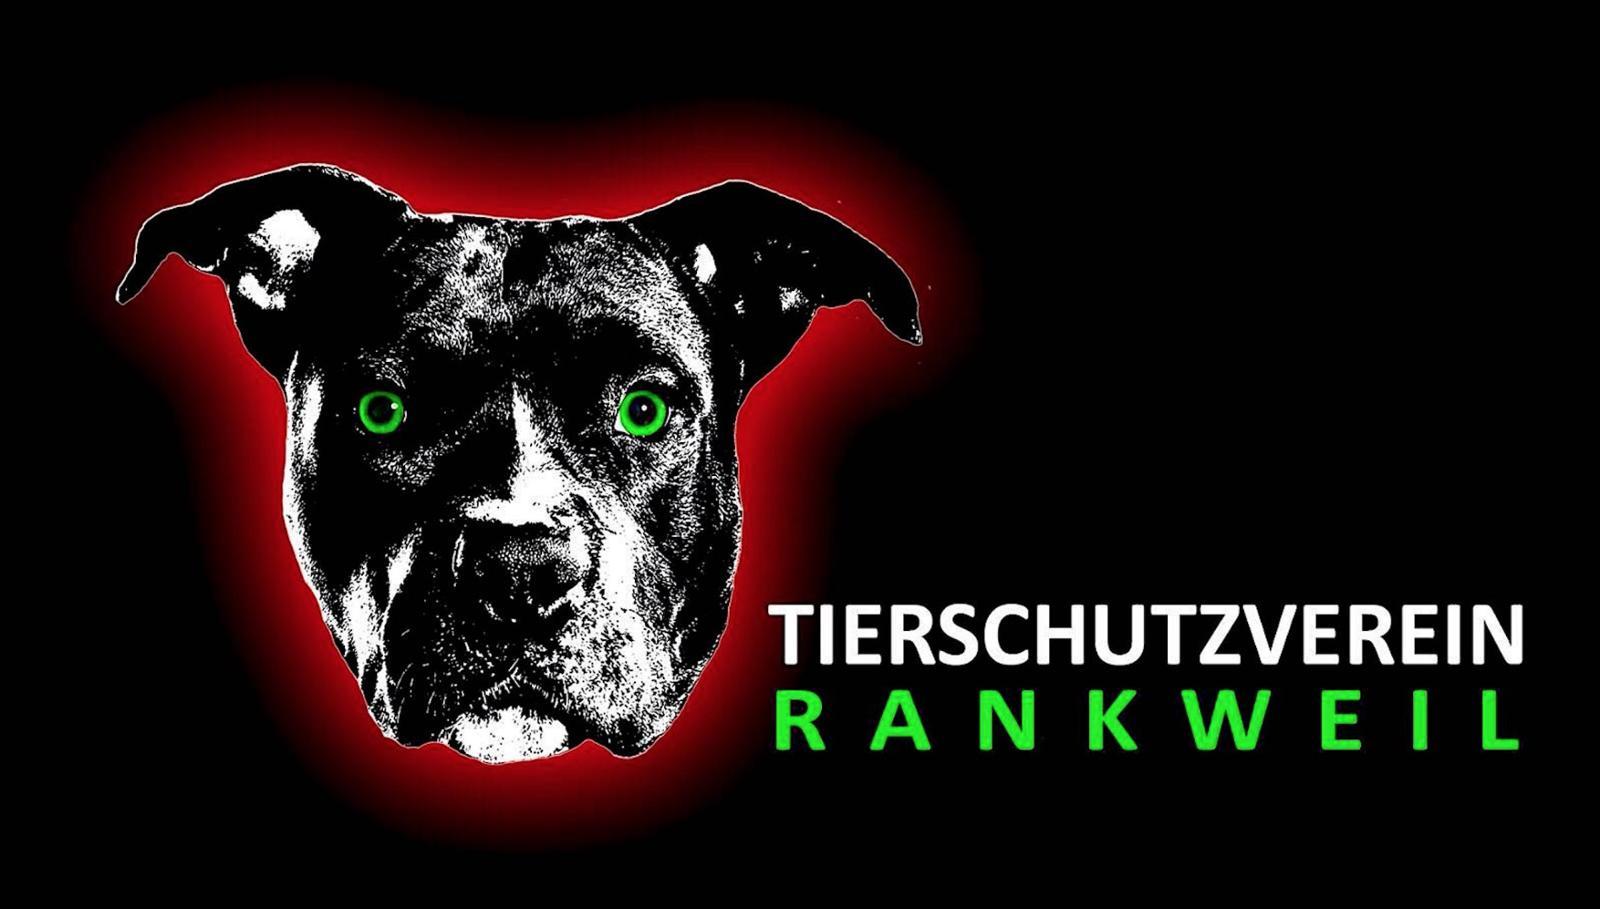 Tierschutzverein Rankweil